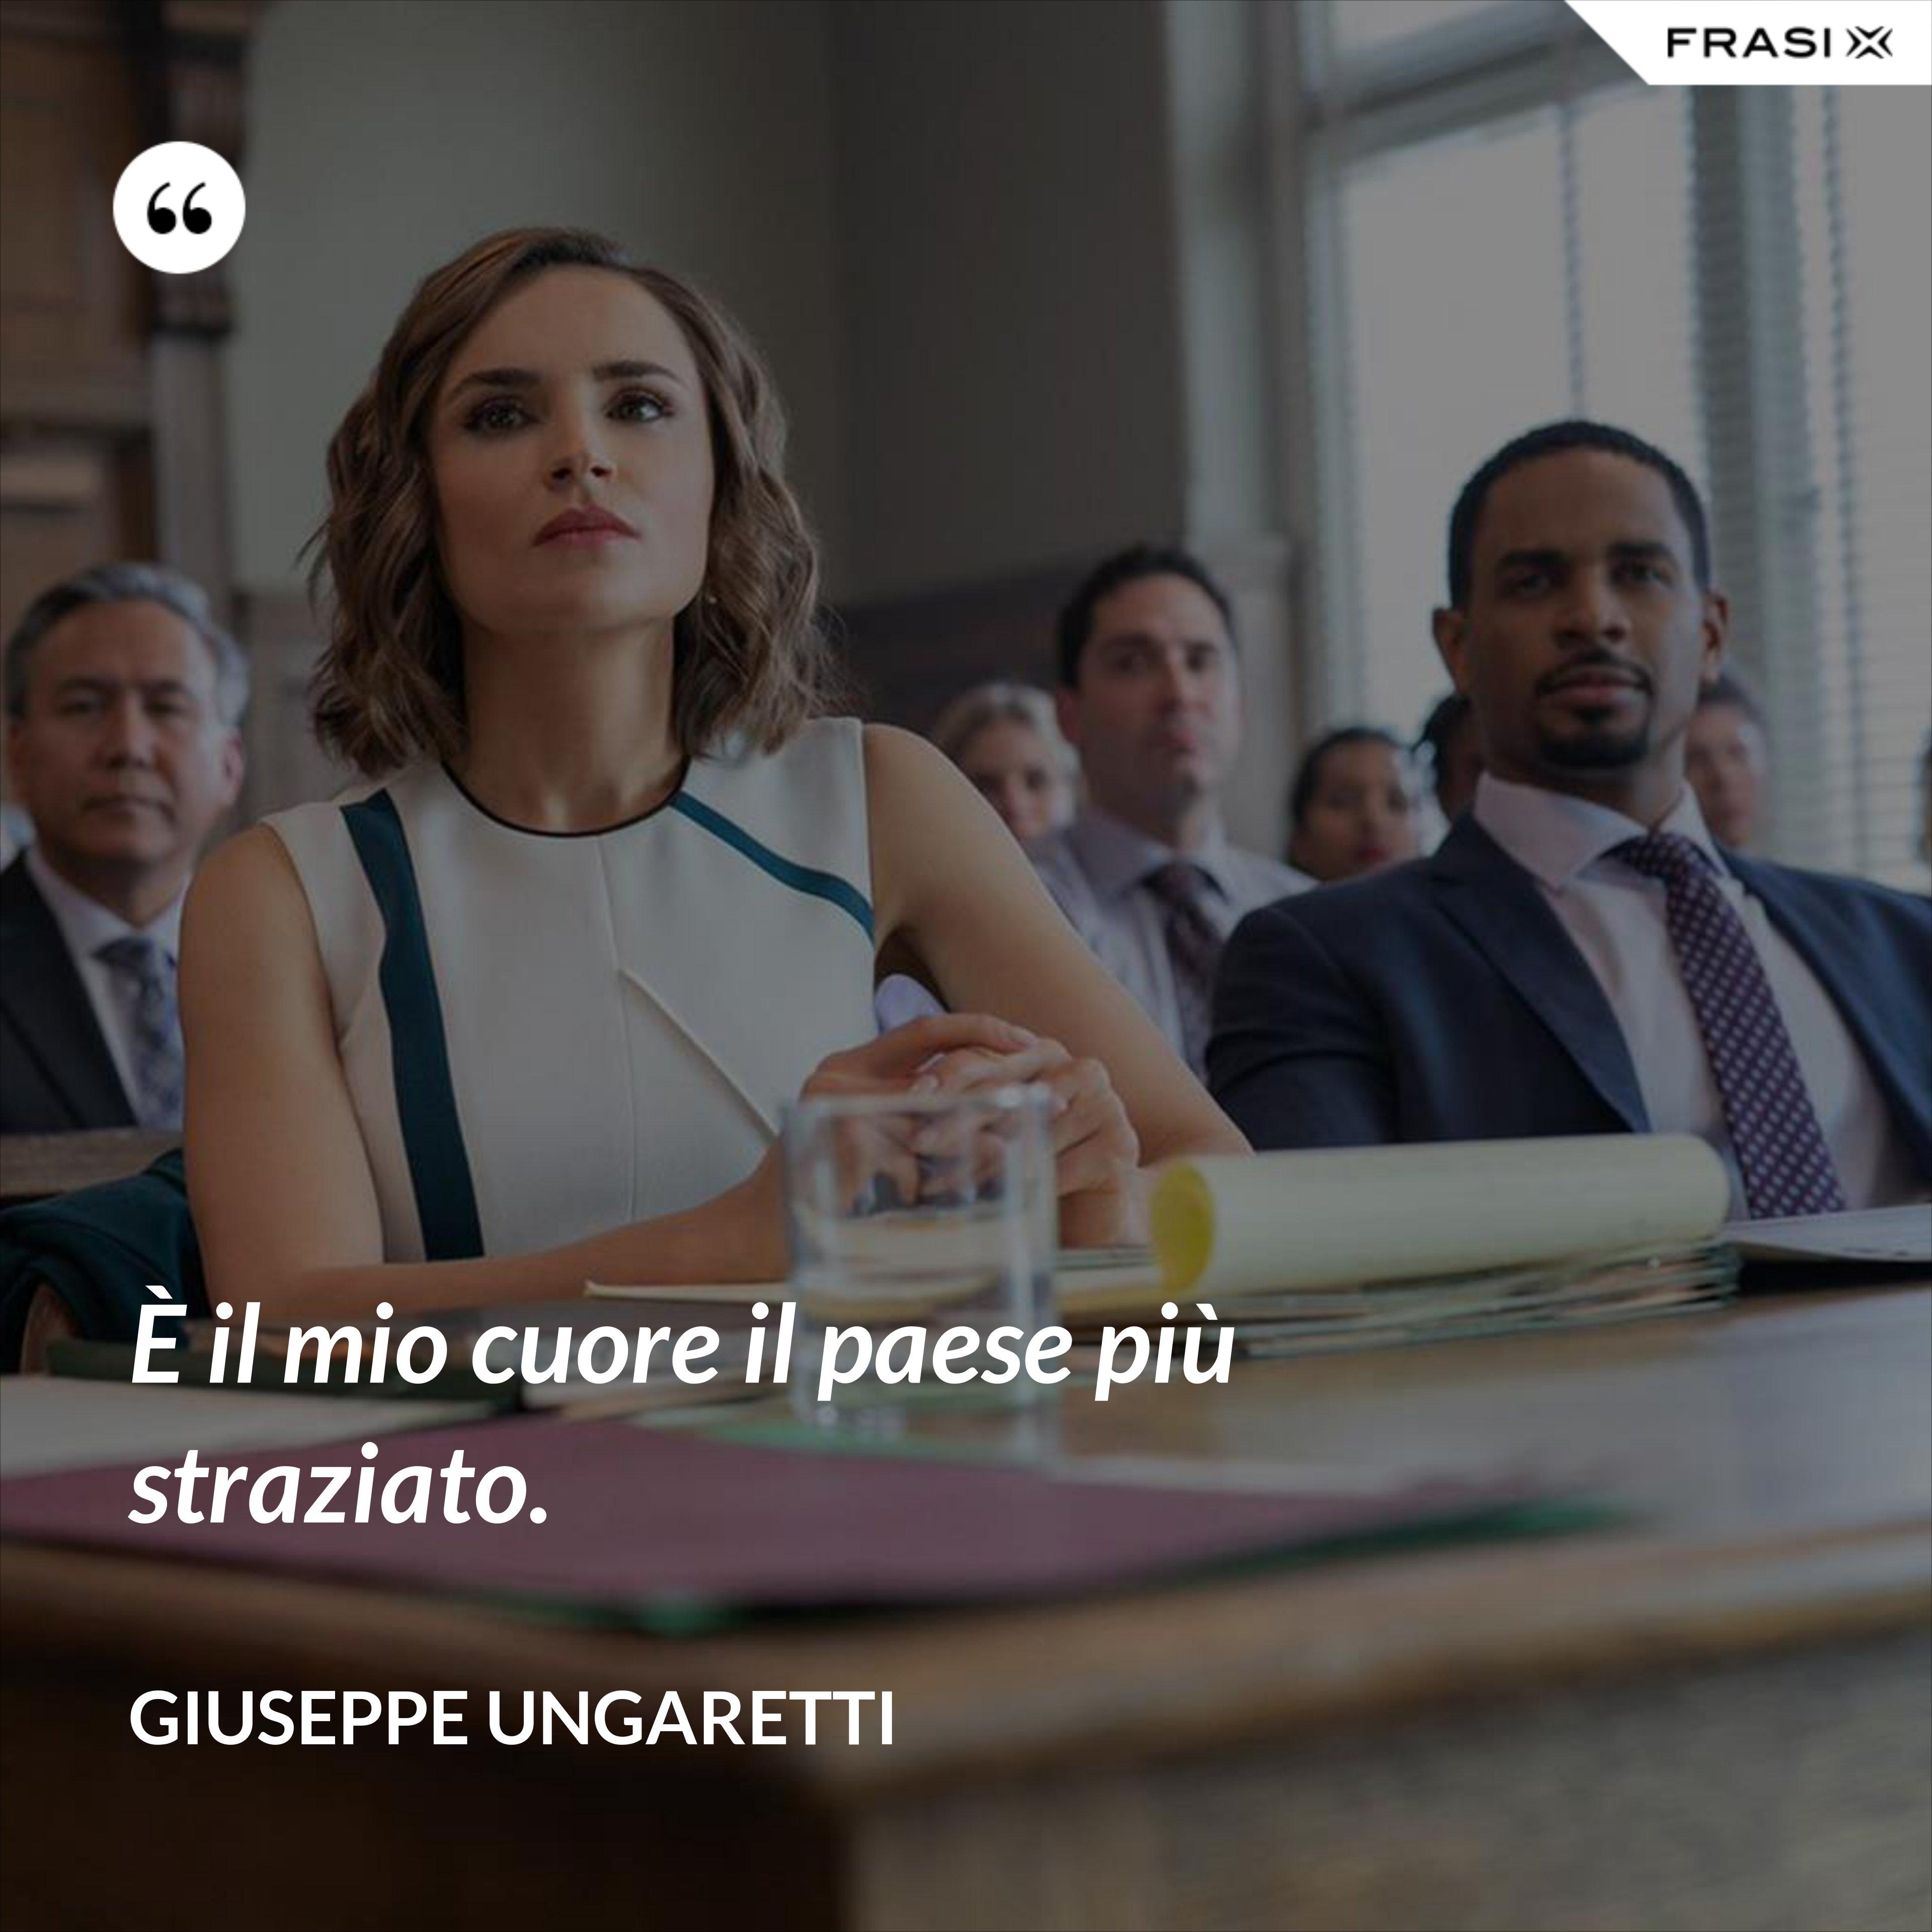 È il mio cuore il paese più straziato. - Giuseppe Ungaretti